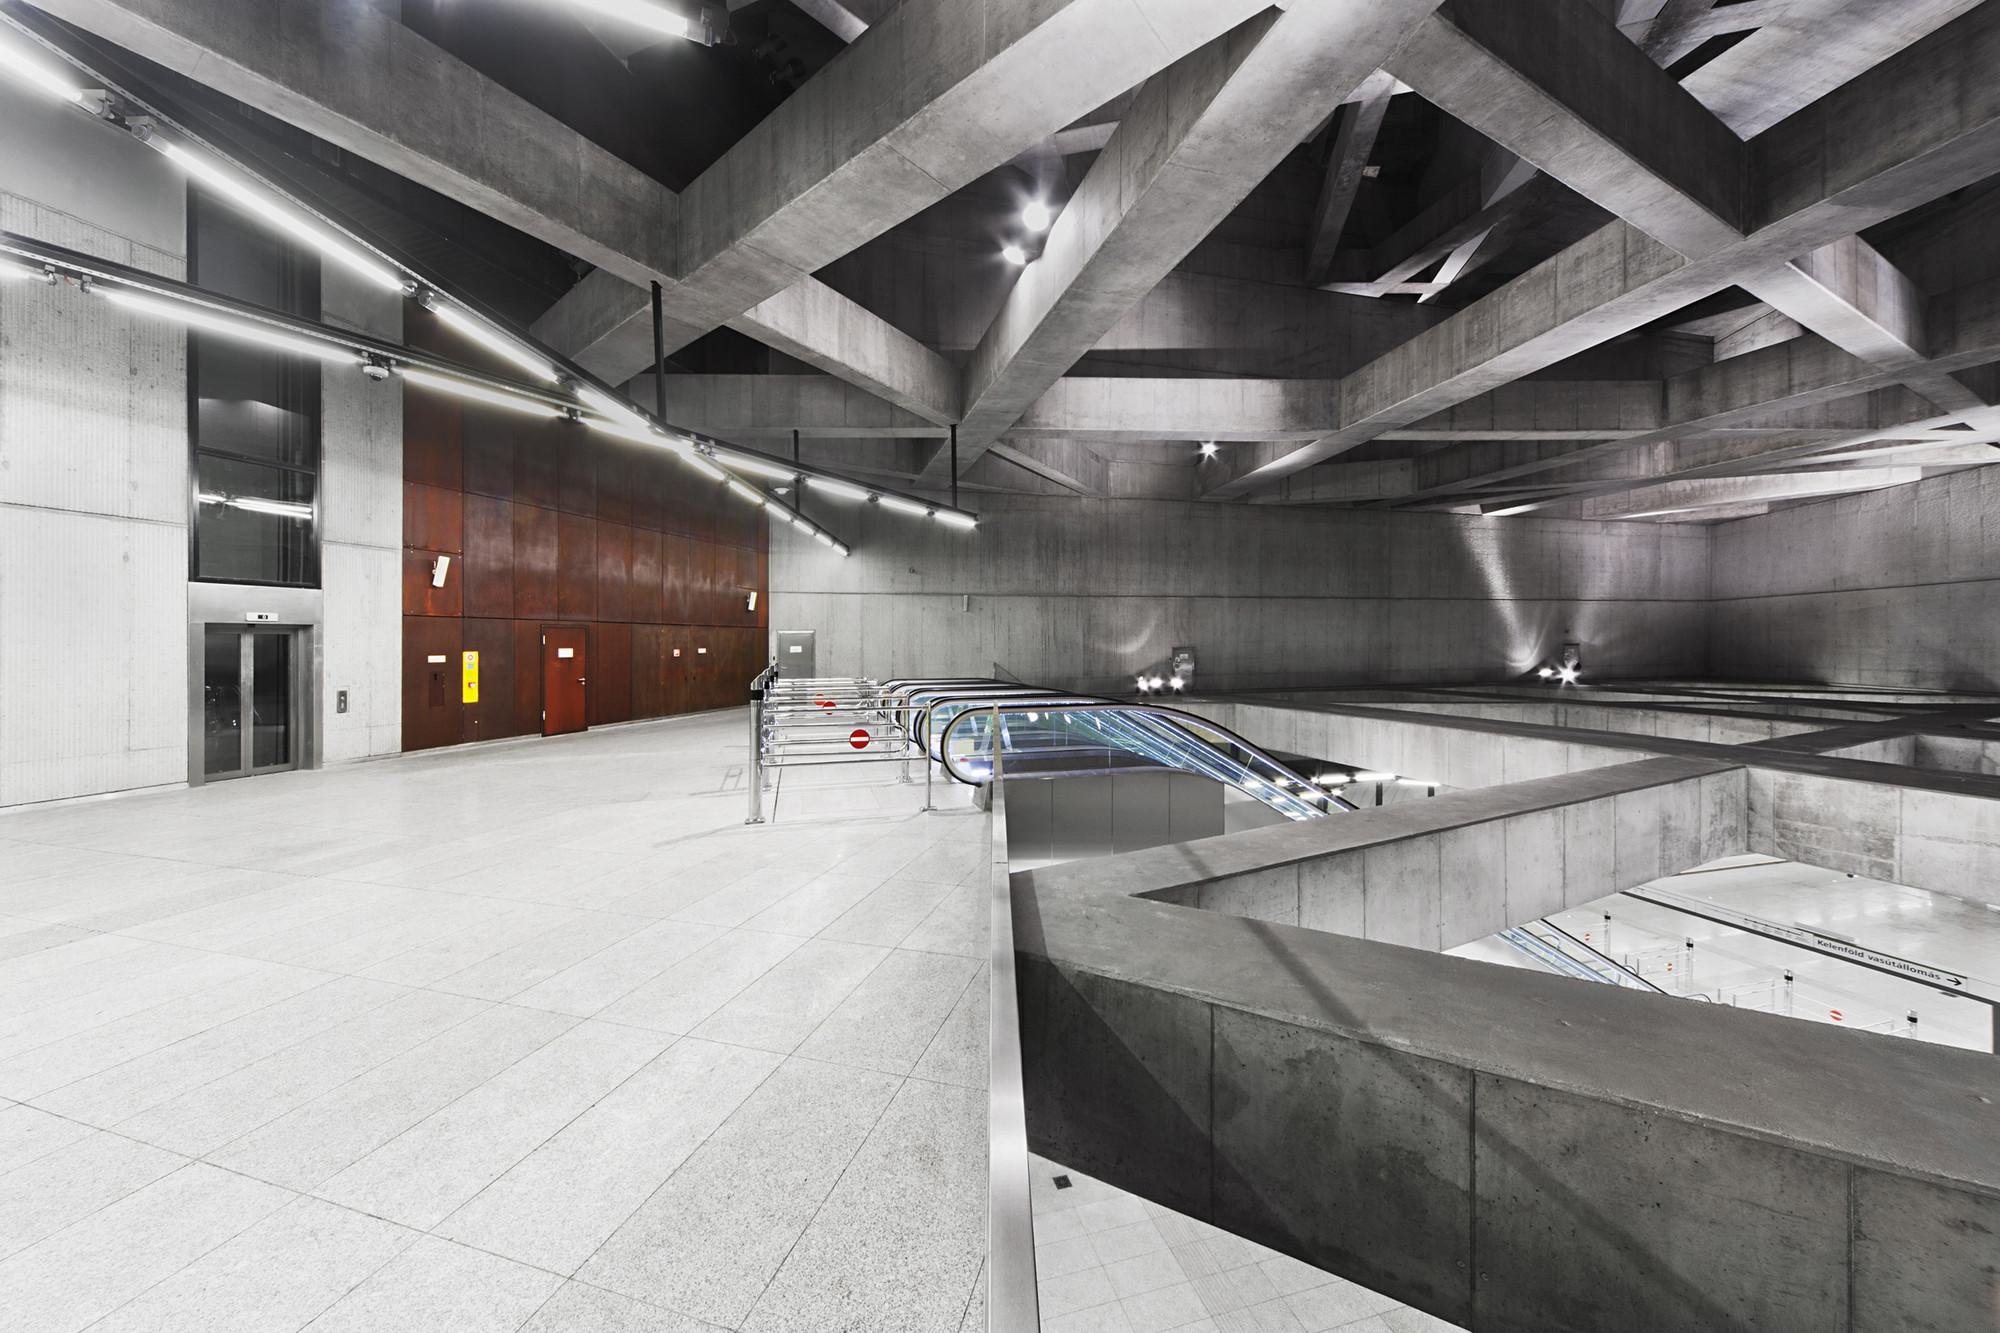 Estación Fovam. Imágen © Tamás Bujnovszky